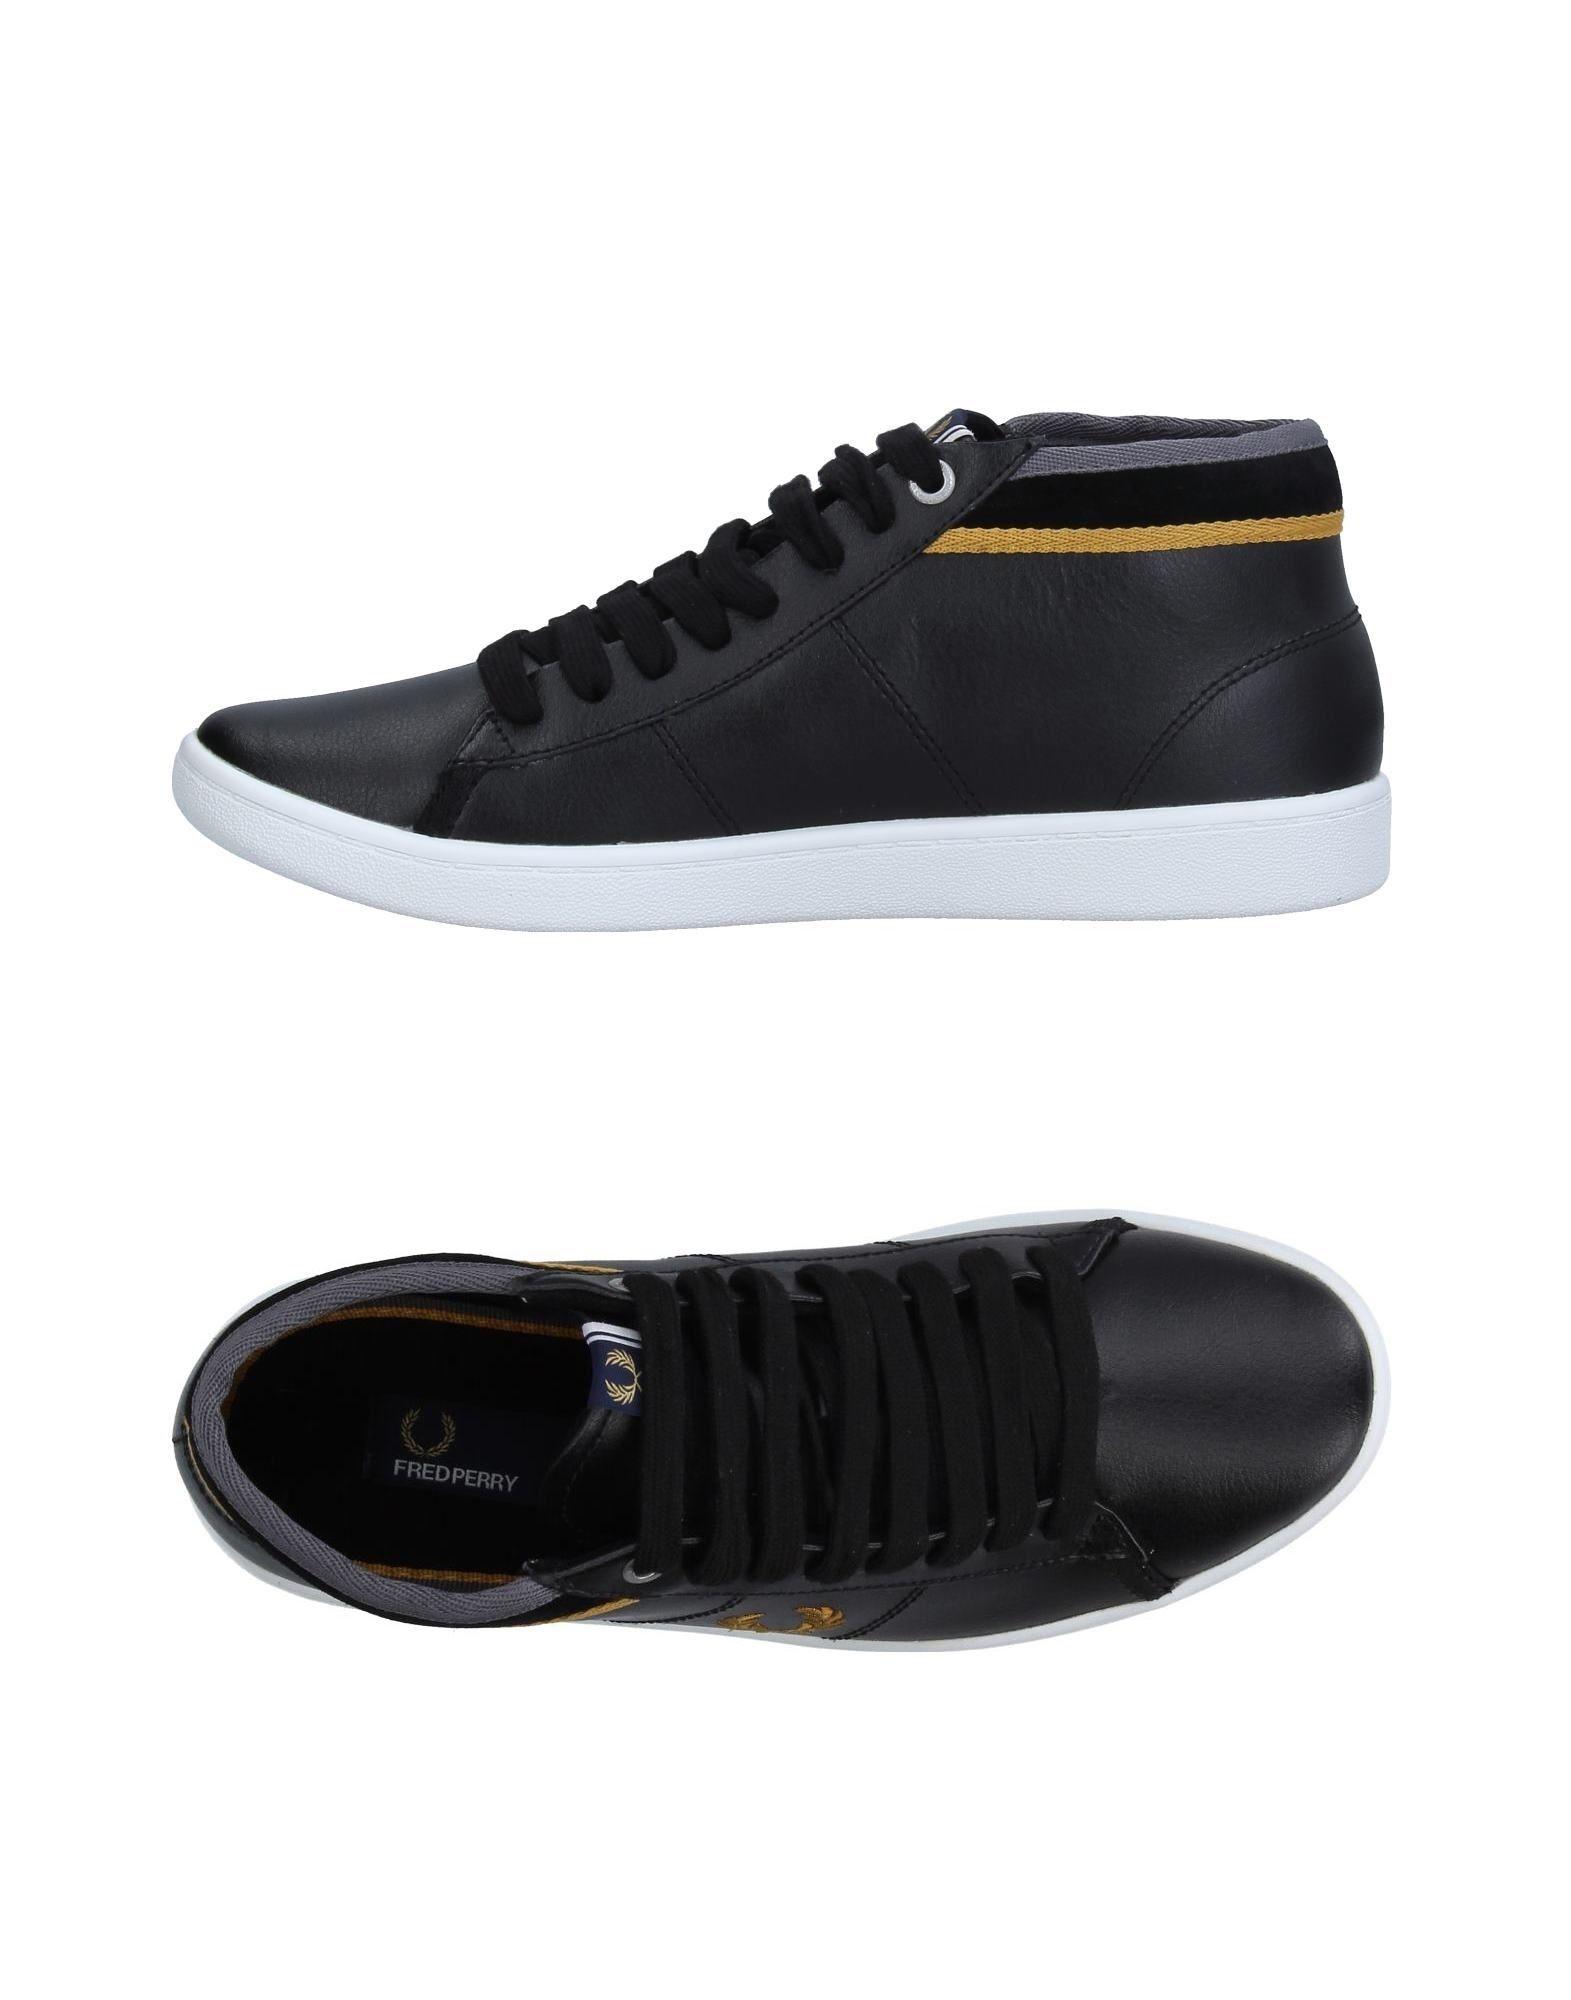 Sneakers Fred Perry Homme - Sneakers Fred Perry  Noir Nouvelles chaussures pour hommes et femmes, remise limitée dans le temps